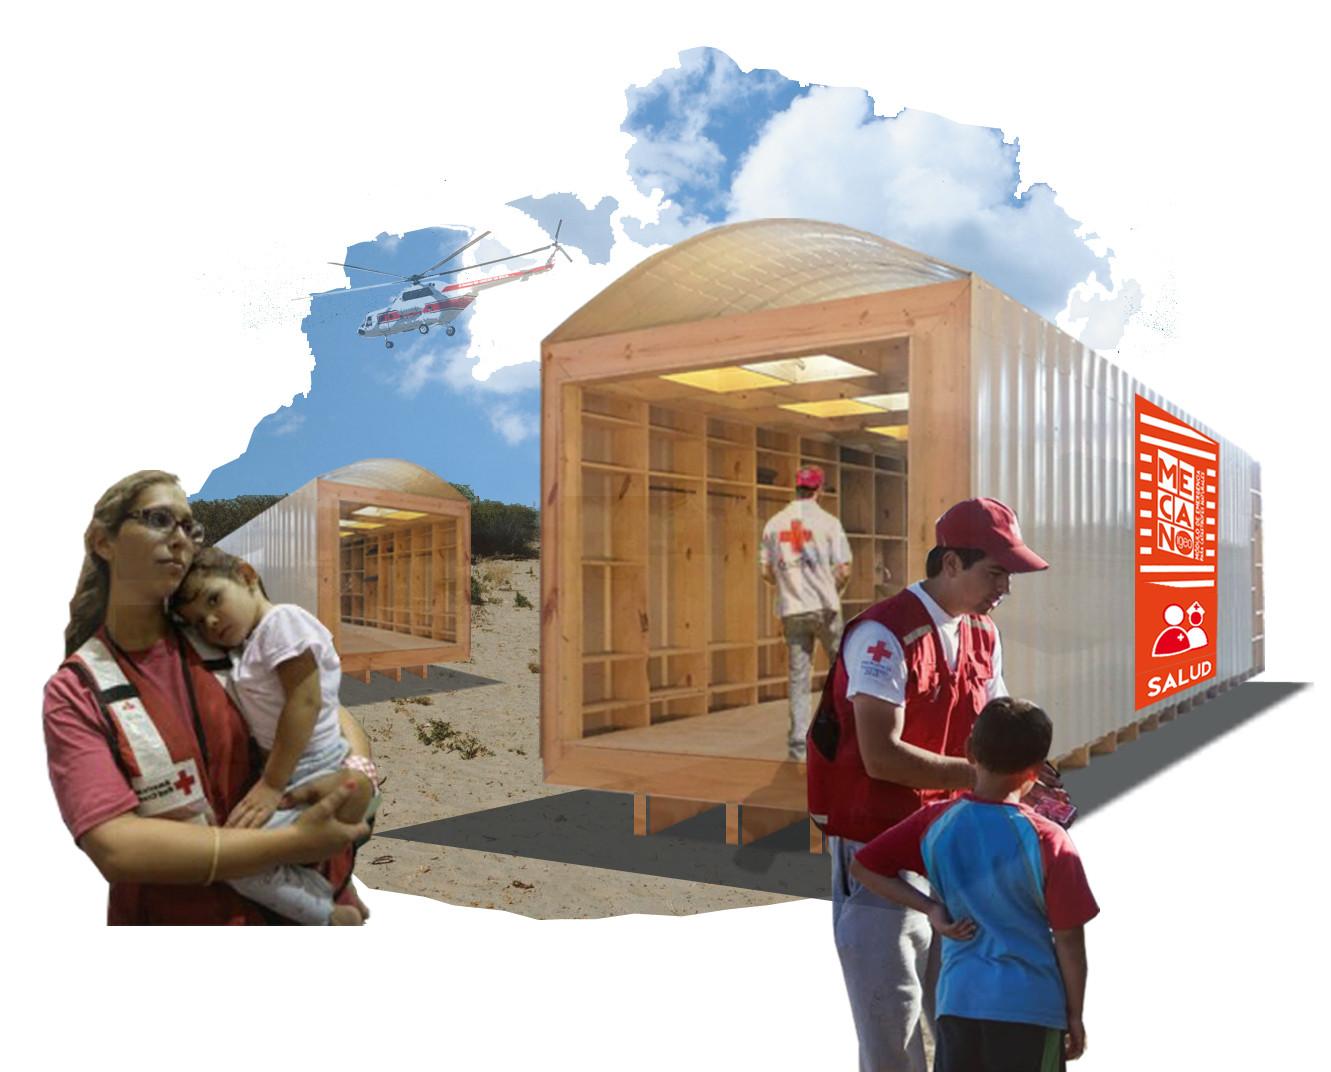 MECANO: Módulo de Emergencia para Catástrofes Naturales / IGEO-UM FADAU , Courtesy of Estudio Borrachia arquitectos